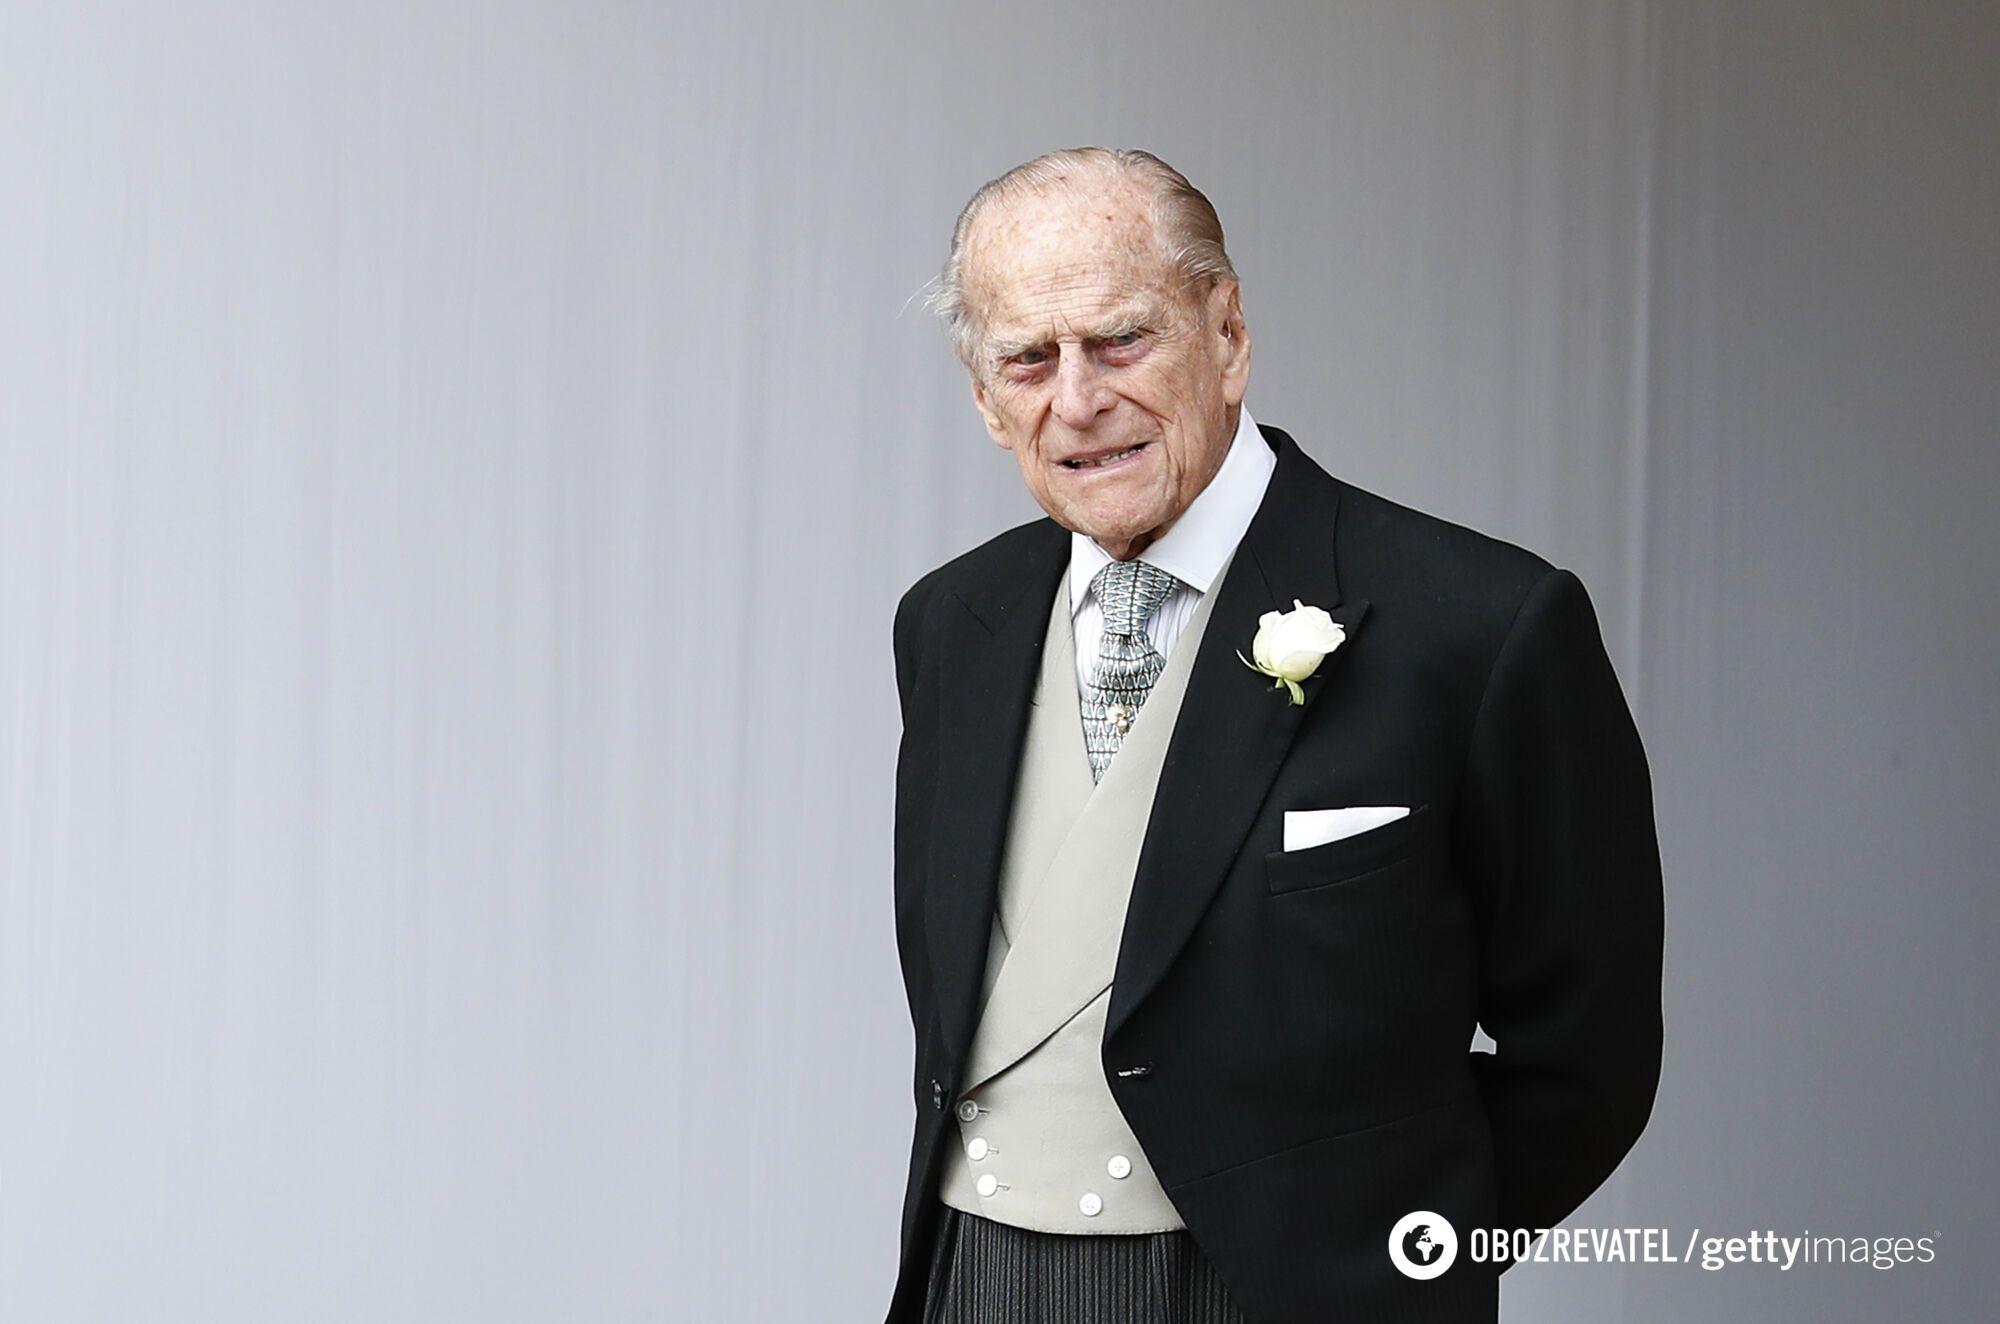 В Великобритании выпустят гоночных голубей в связи с похоронами принца Филиппа